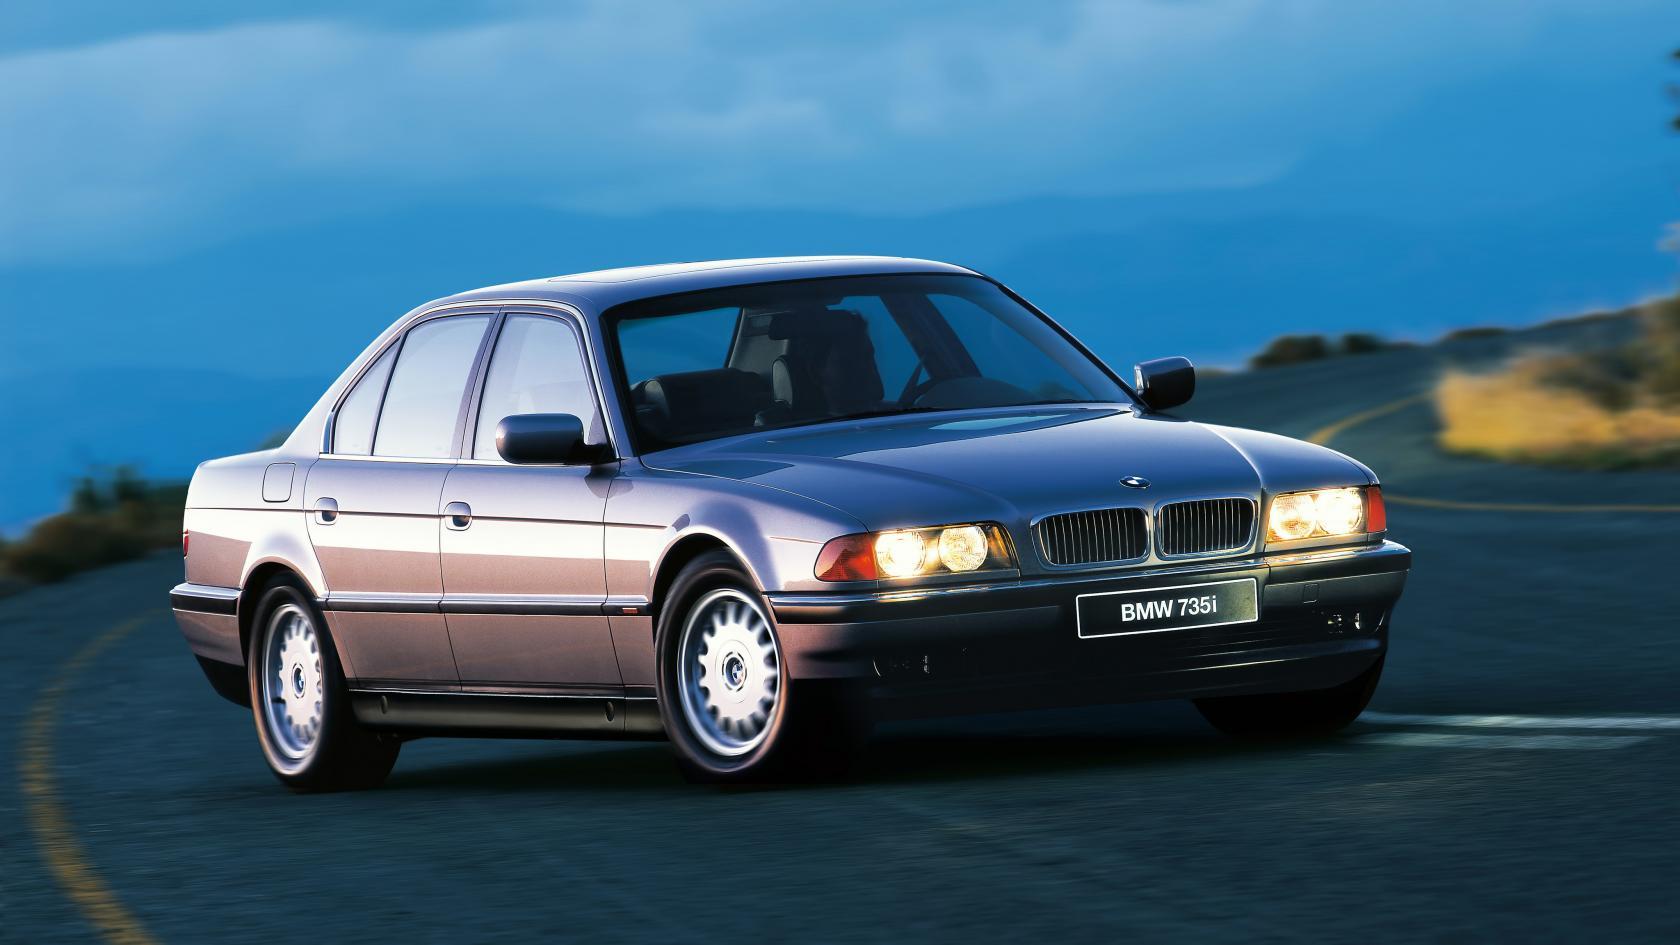 BMW-E38-5.jpeg